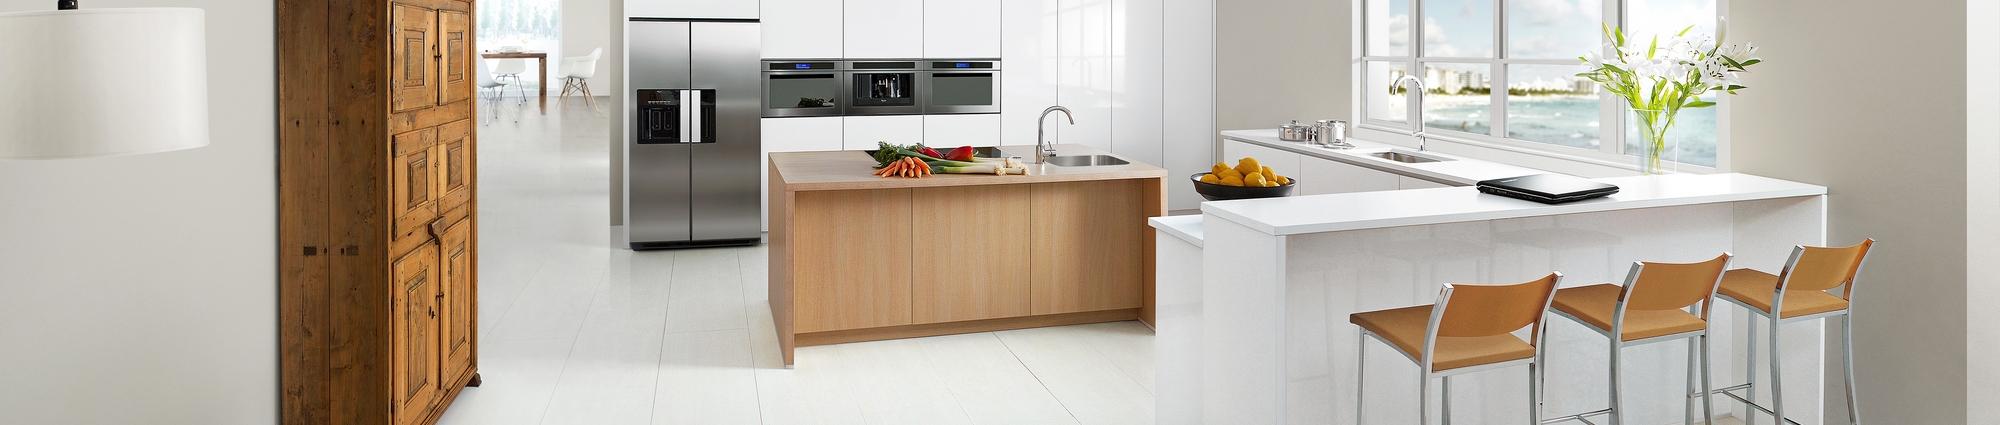 La cocina es un centro de vidati - Muebles de cocina en leon ...